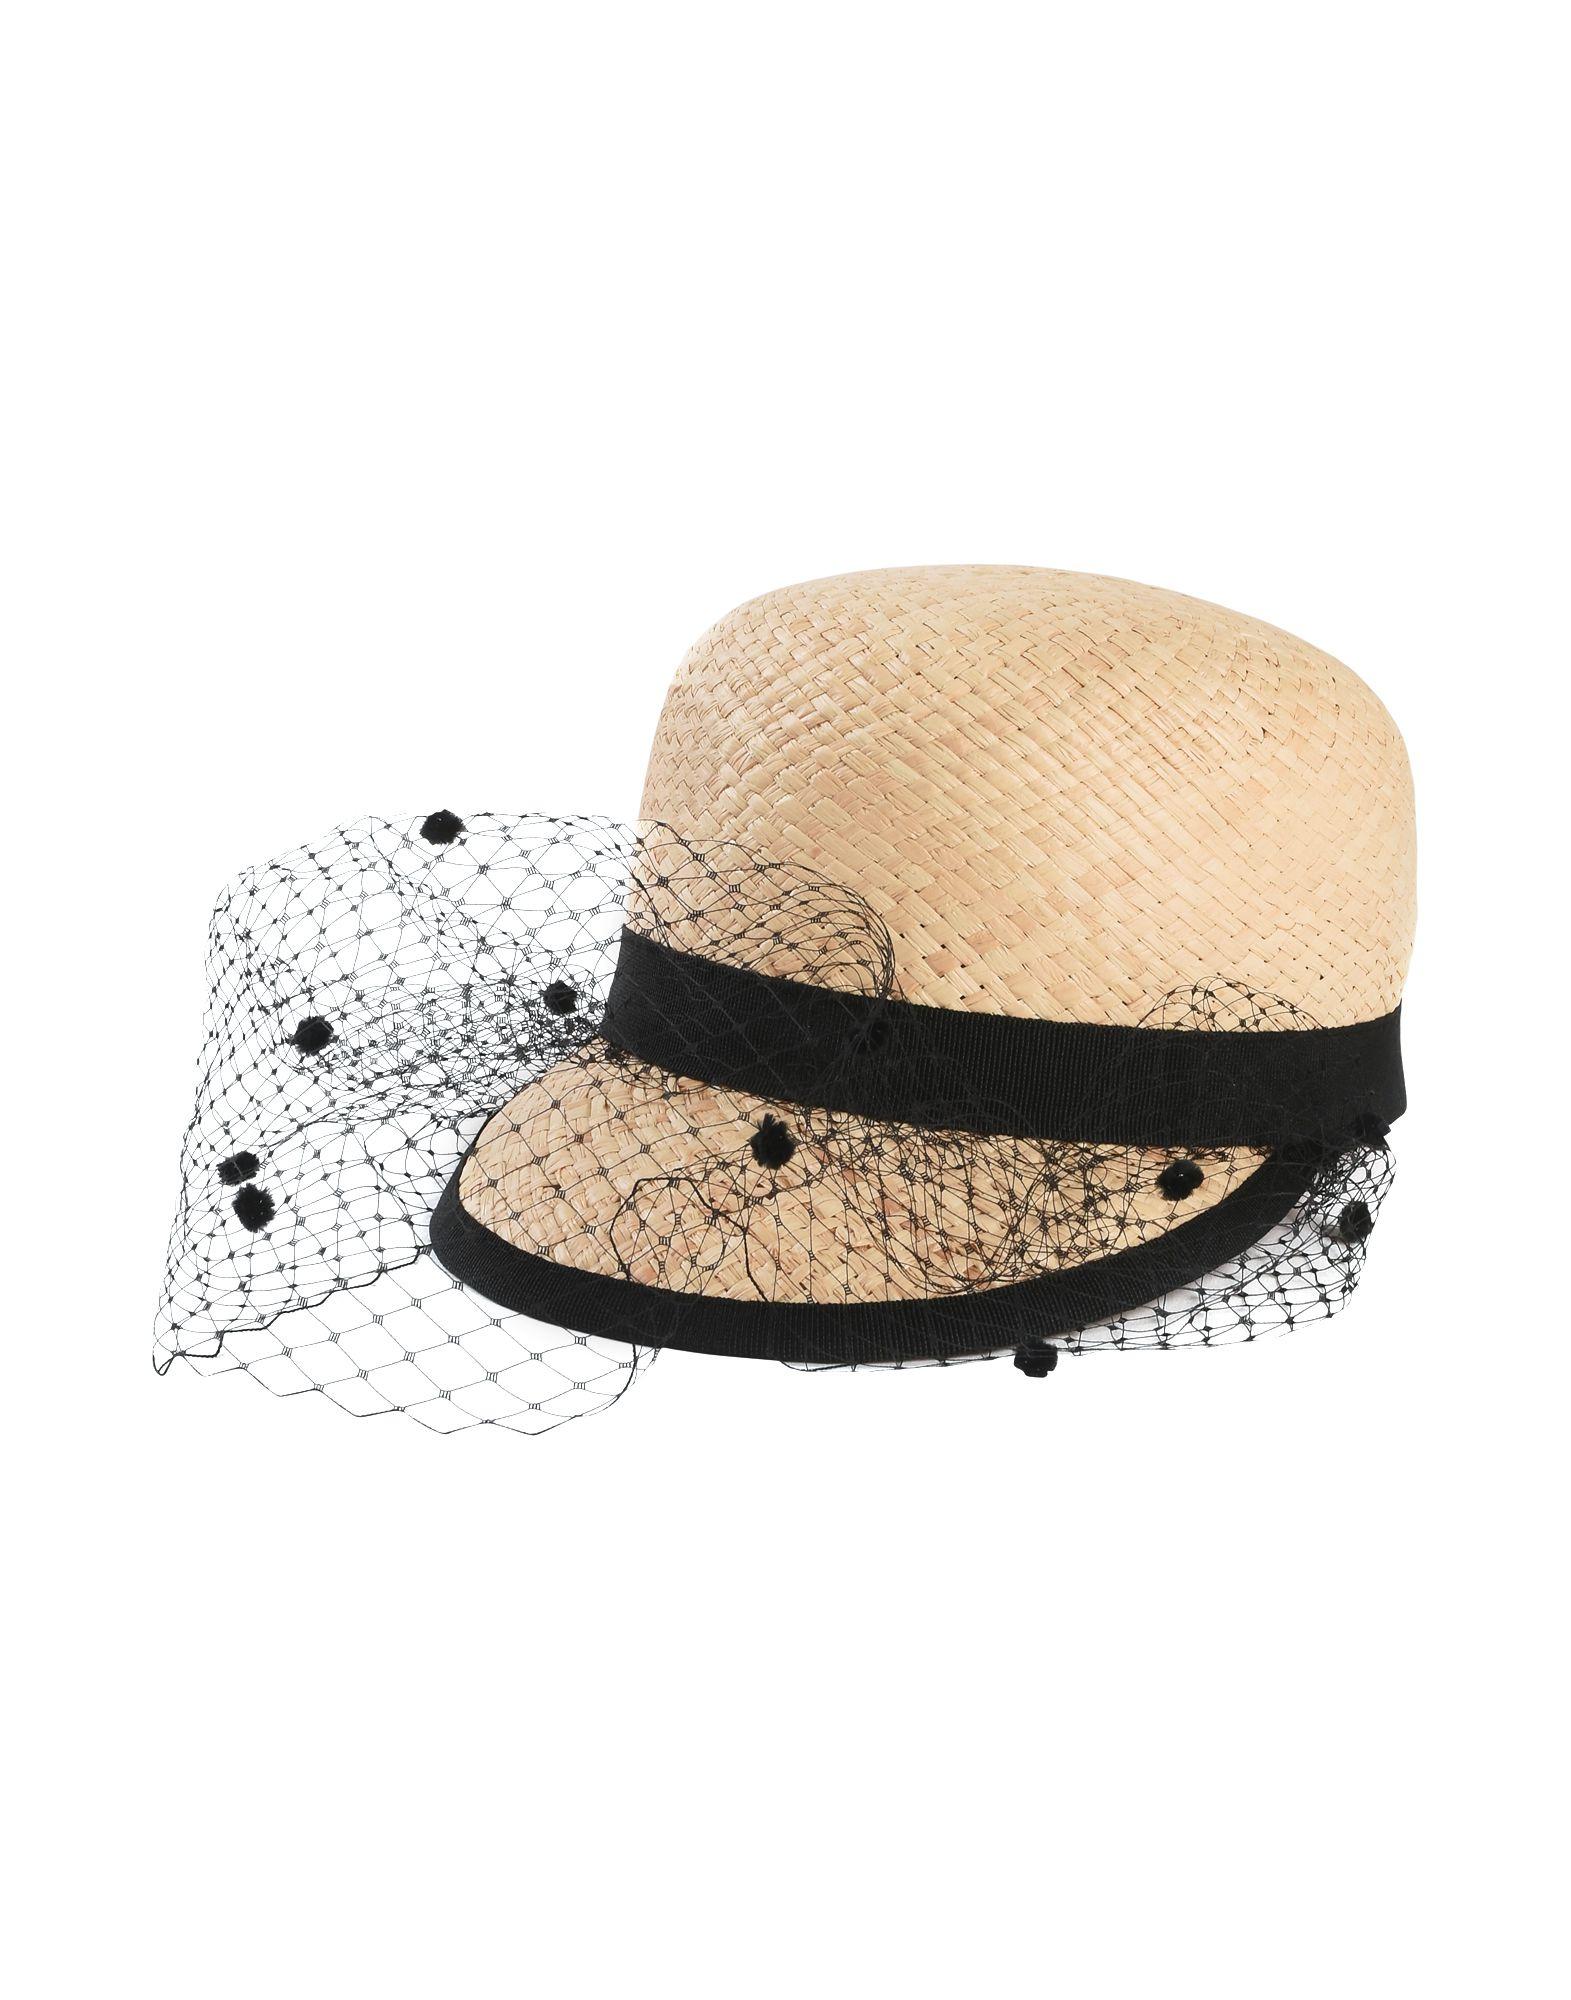 《送料無料》HELENE BERMAN London レディース 帽子 ベージュ 54 ラフィア 100% RAFFIA BASEBALL WITH VEIL